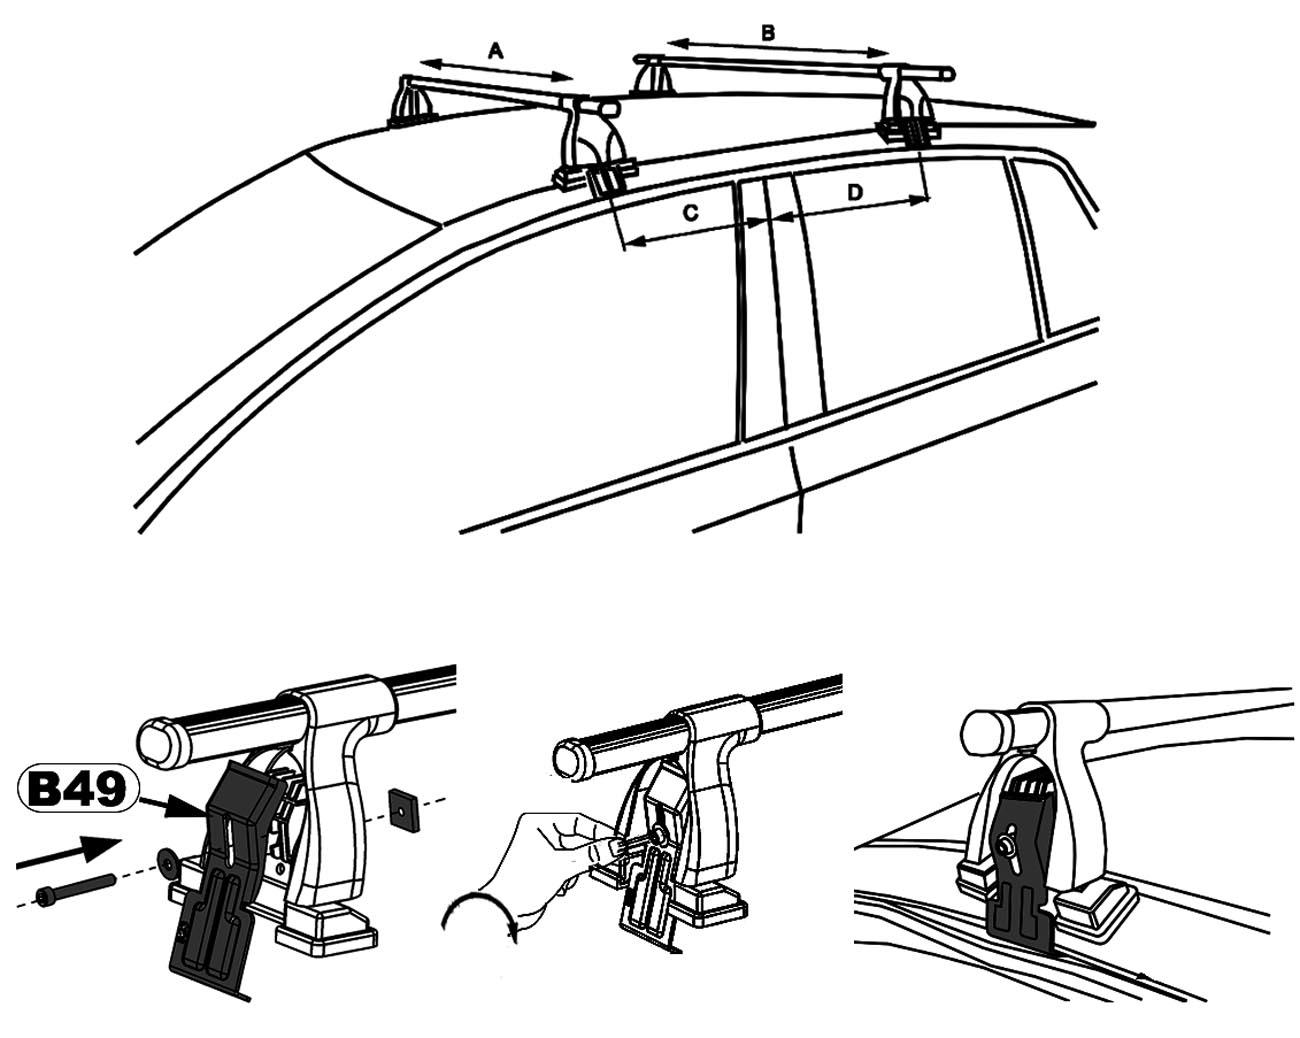 aurilis dachtr ger easy one ford fiesta v schr gheck 5. Black Bedroom Furniture Sets. Home Design Ideas